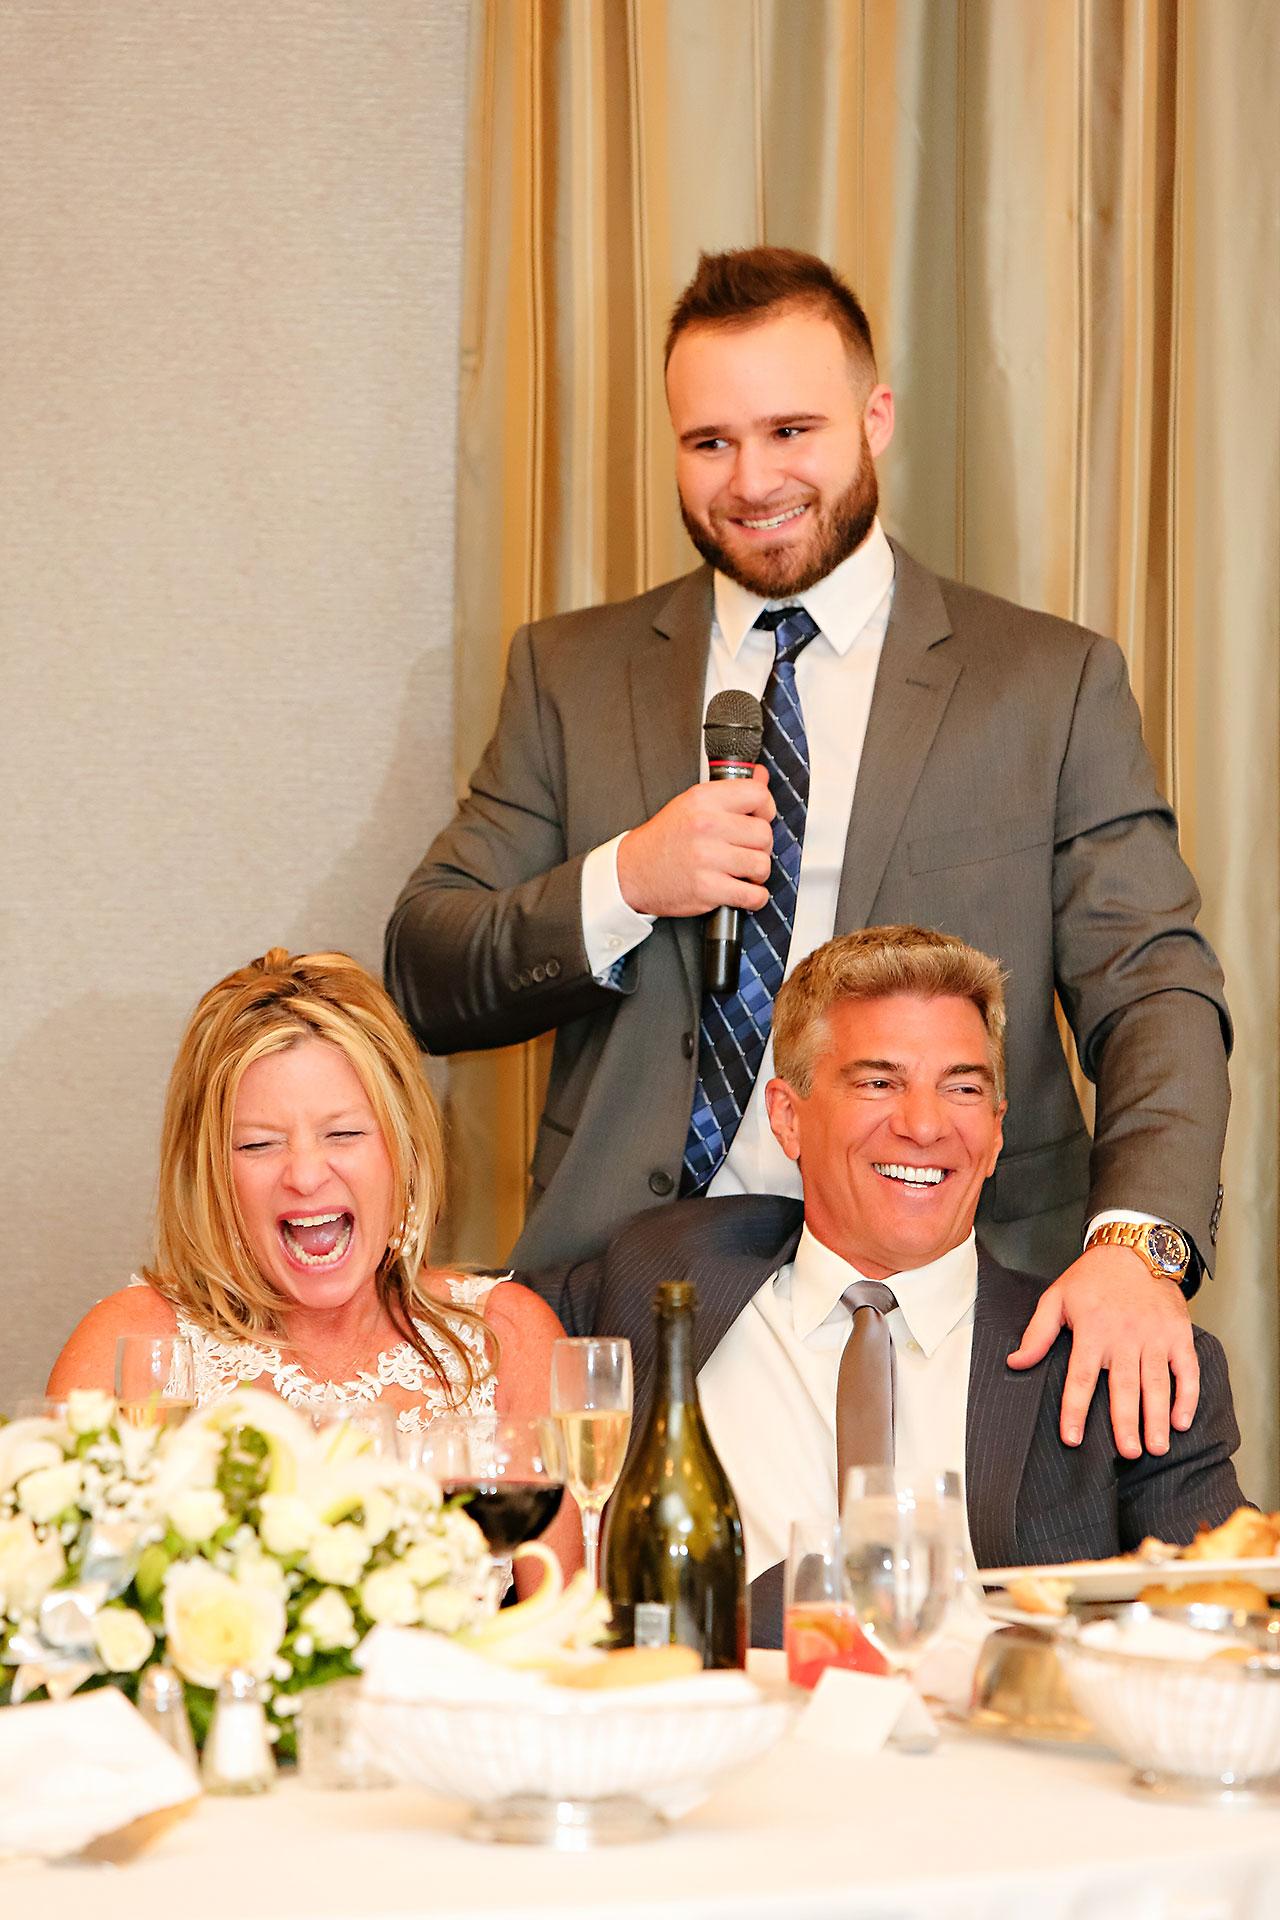 Rhonda Jeff Montage Indianapolis Wedding Reception 121